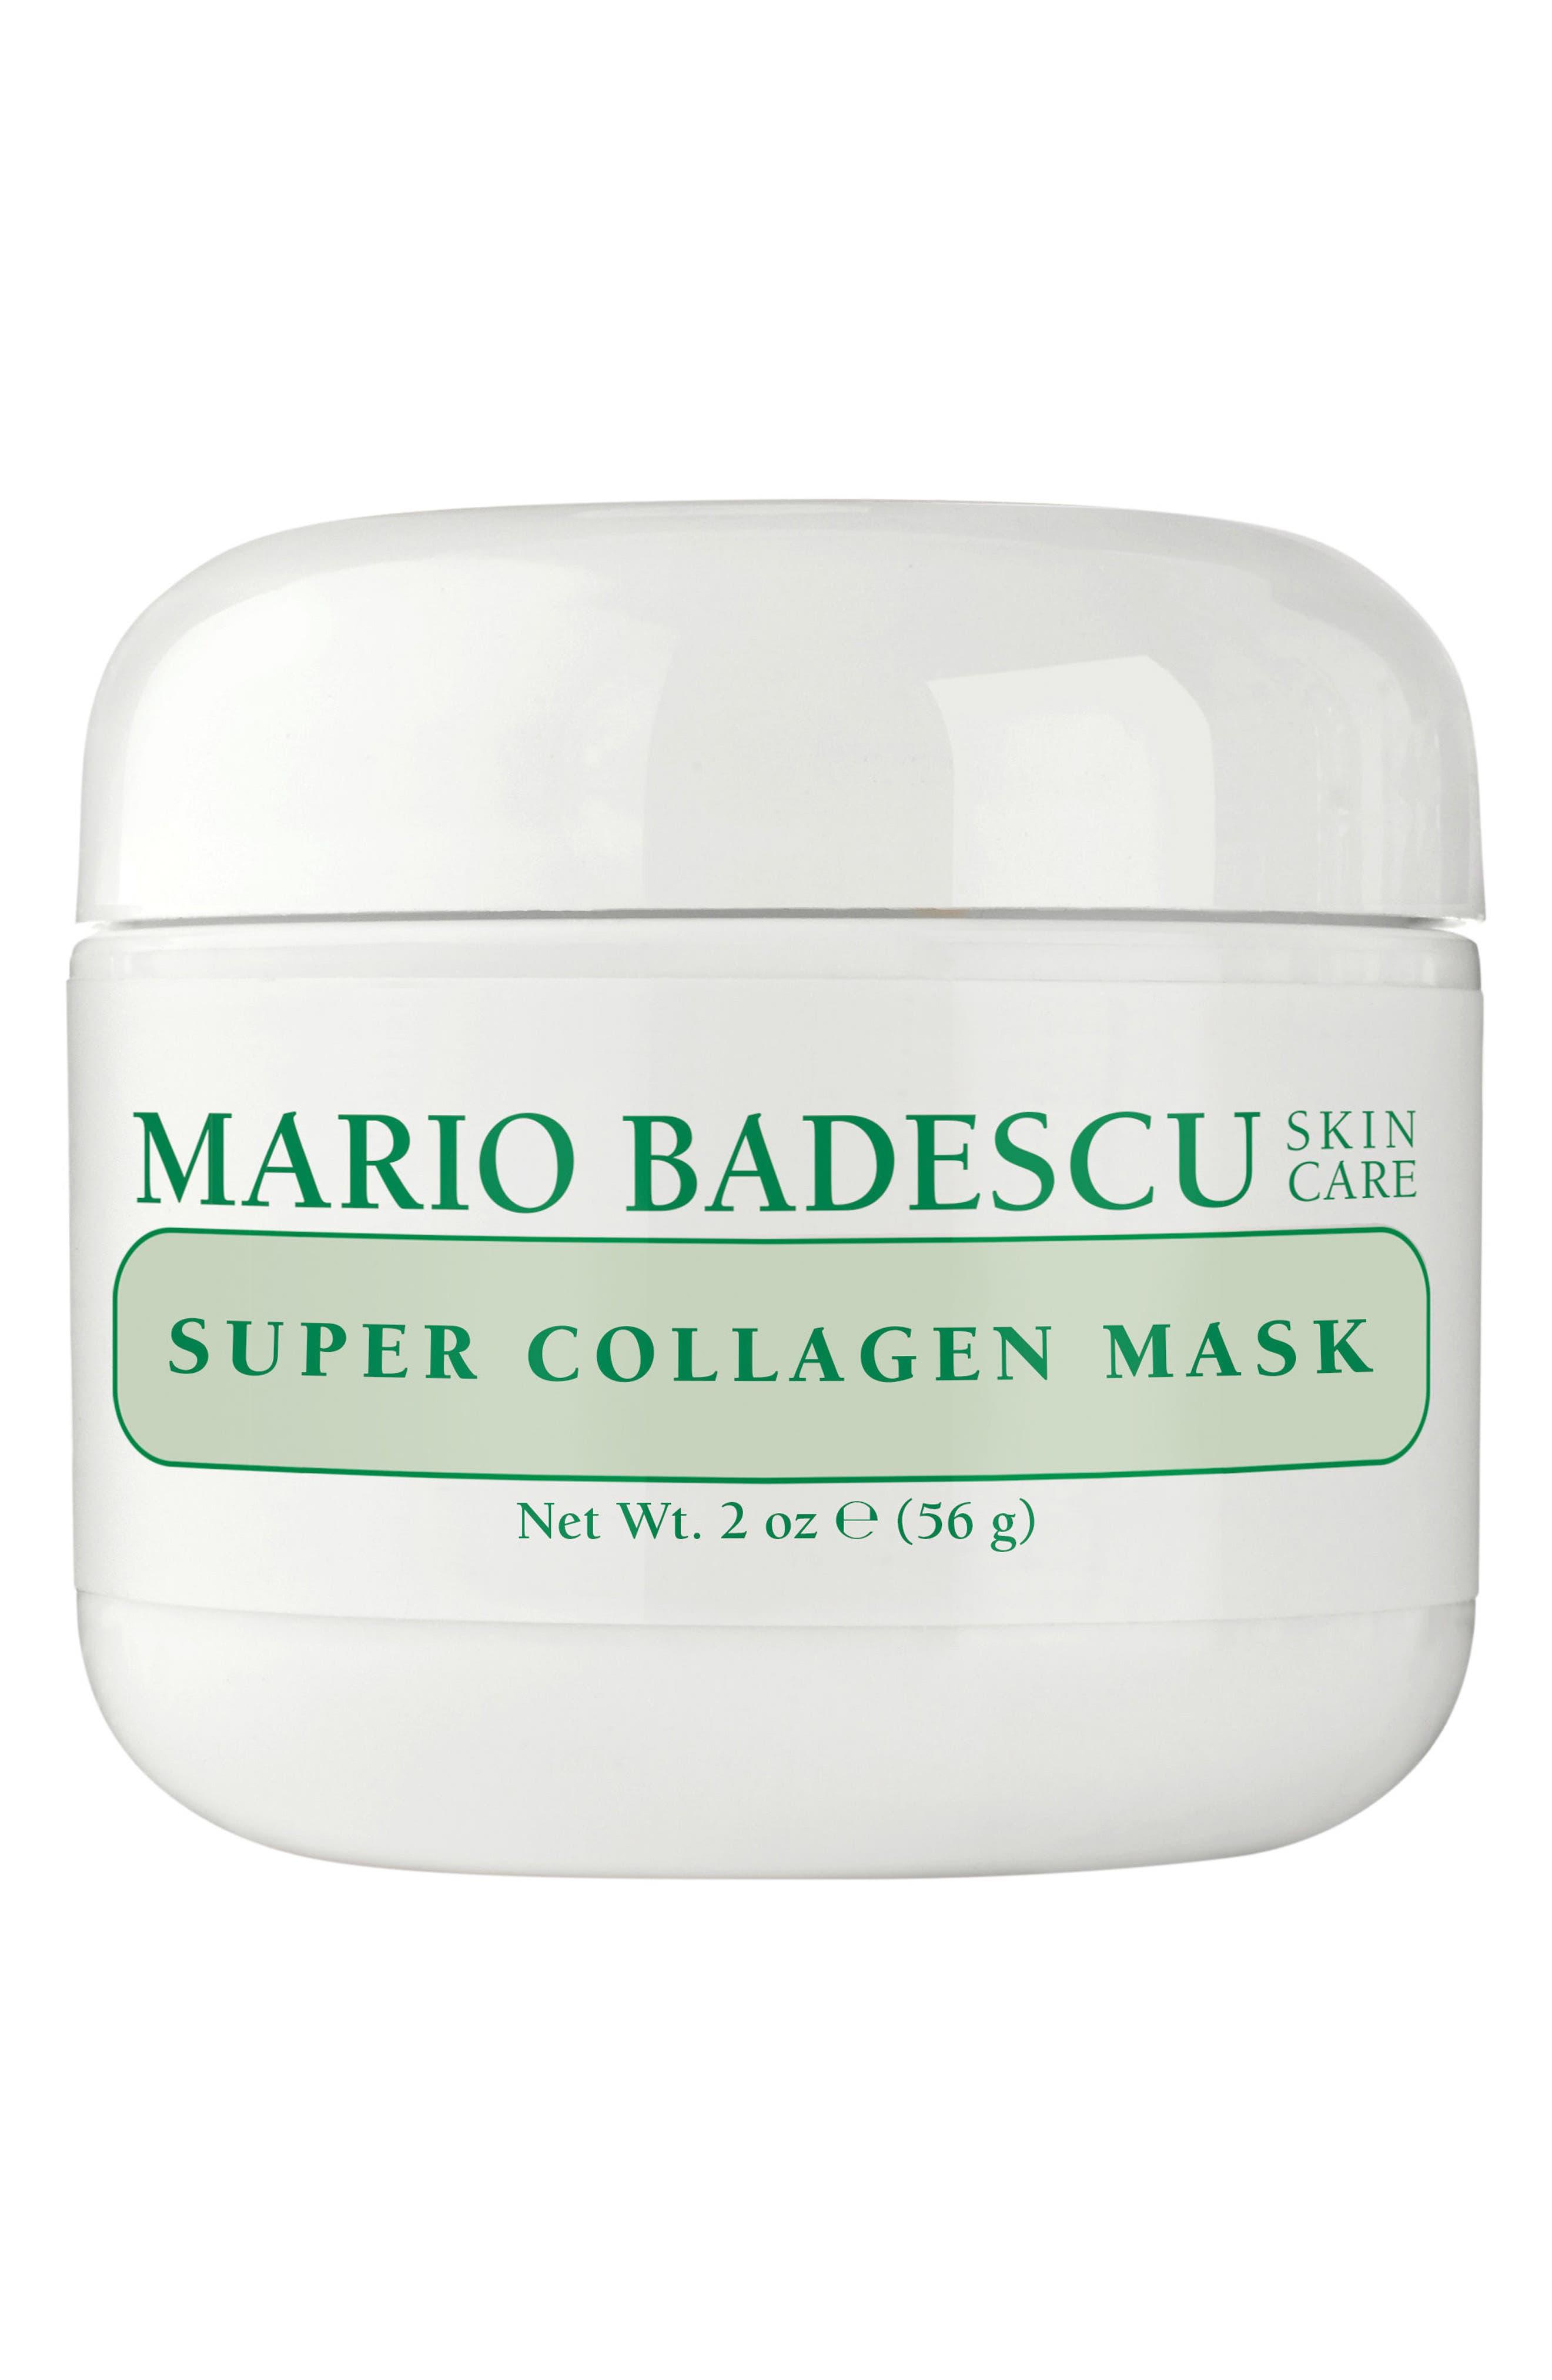 MARIO BADESCU 'Super Collagen' Mask, Main, color, NO COLOR